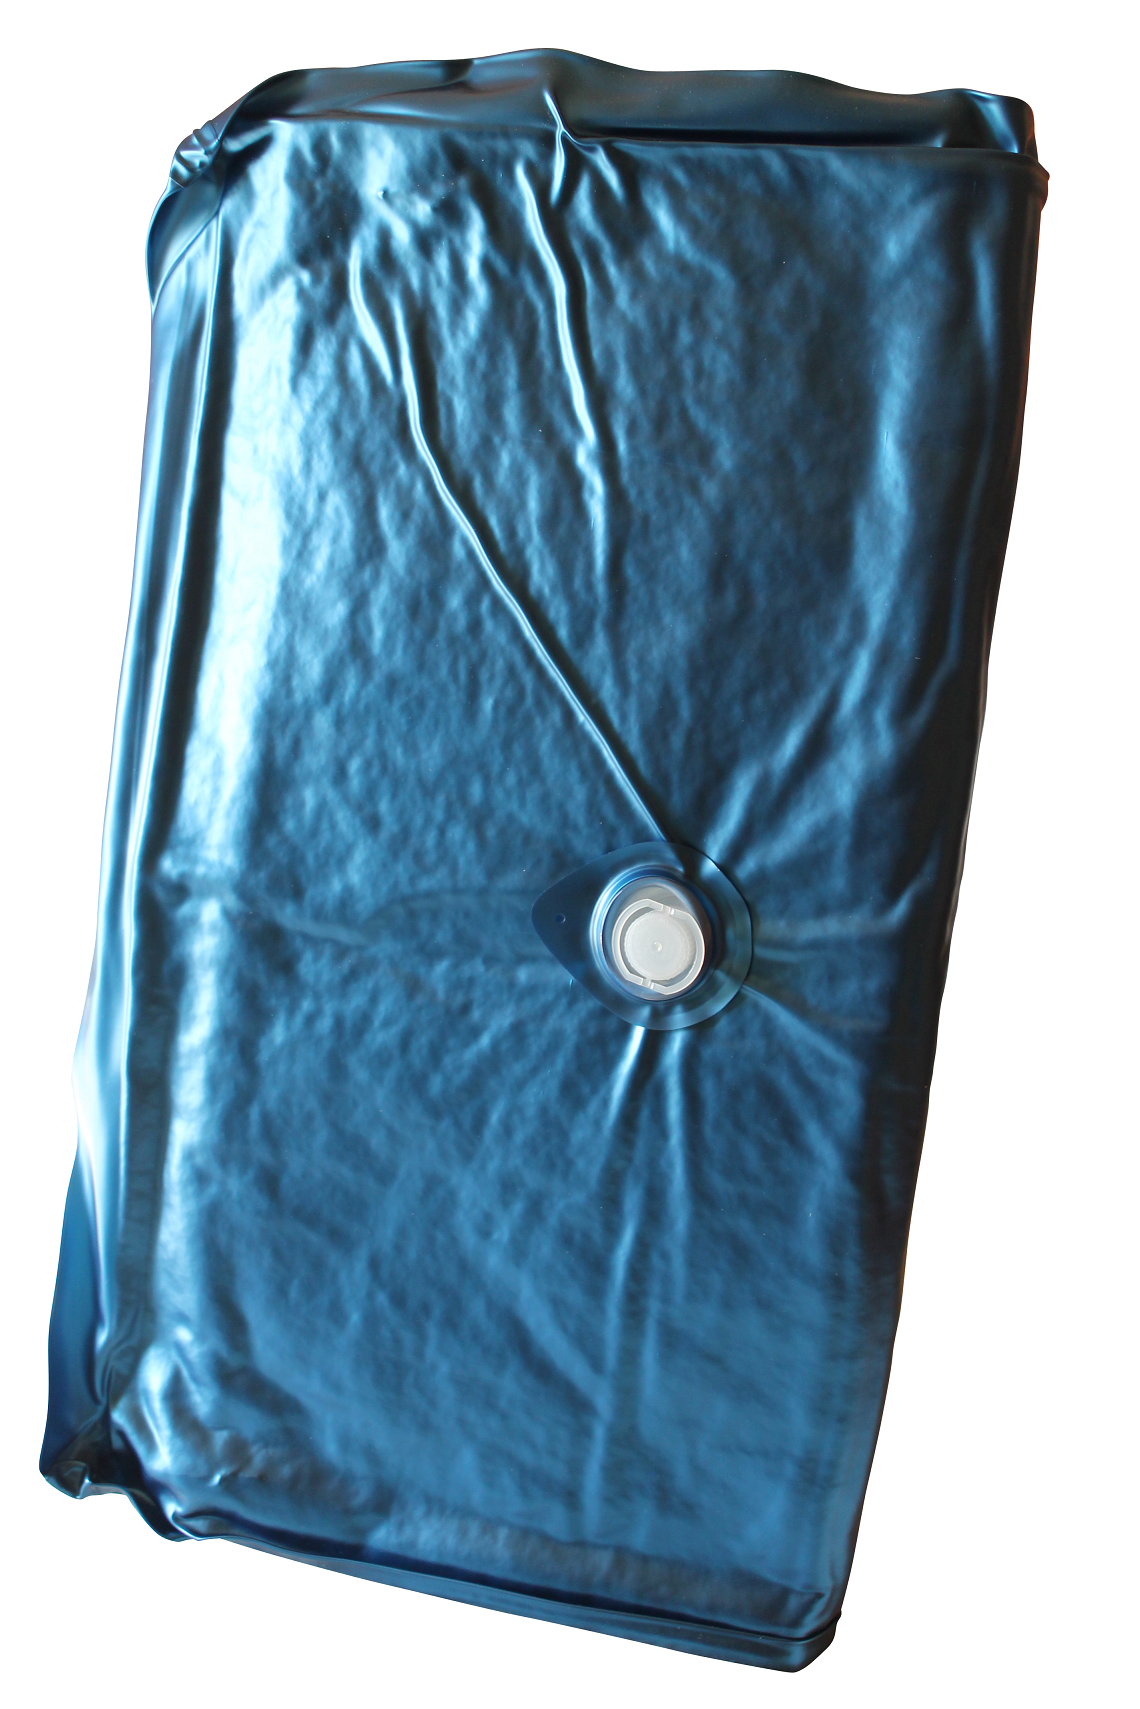 ersatz wasserbettmatratze wasserkern mesamoll. Black Bedroom Furniture Sets. Home Design Ideas